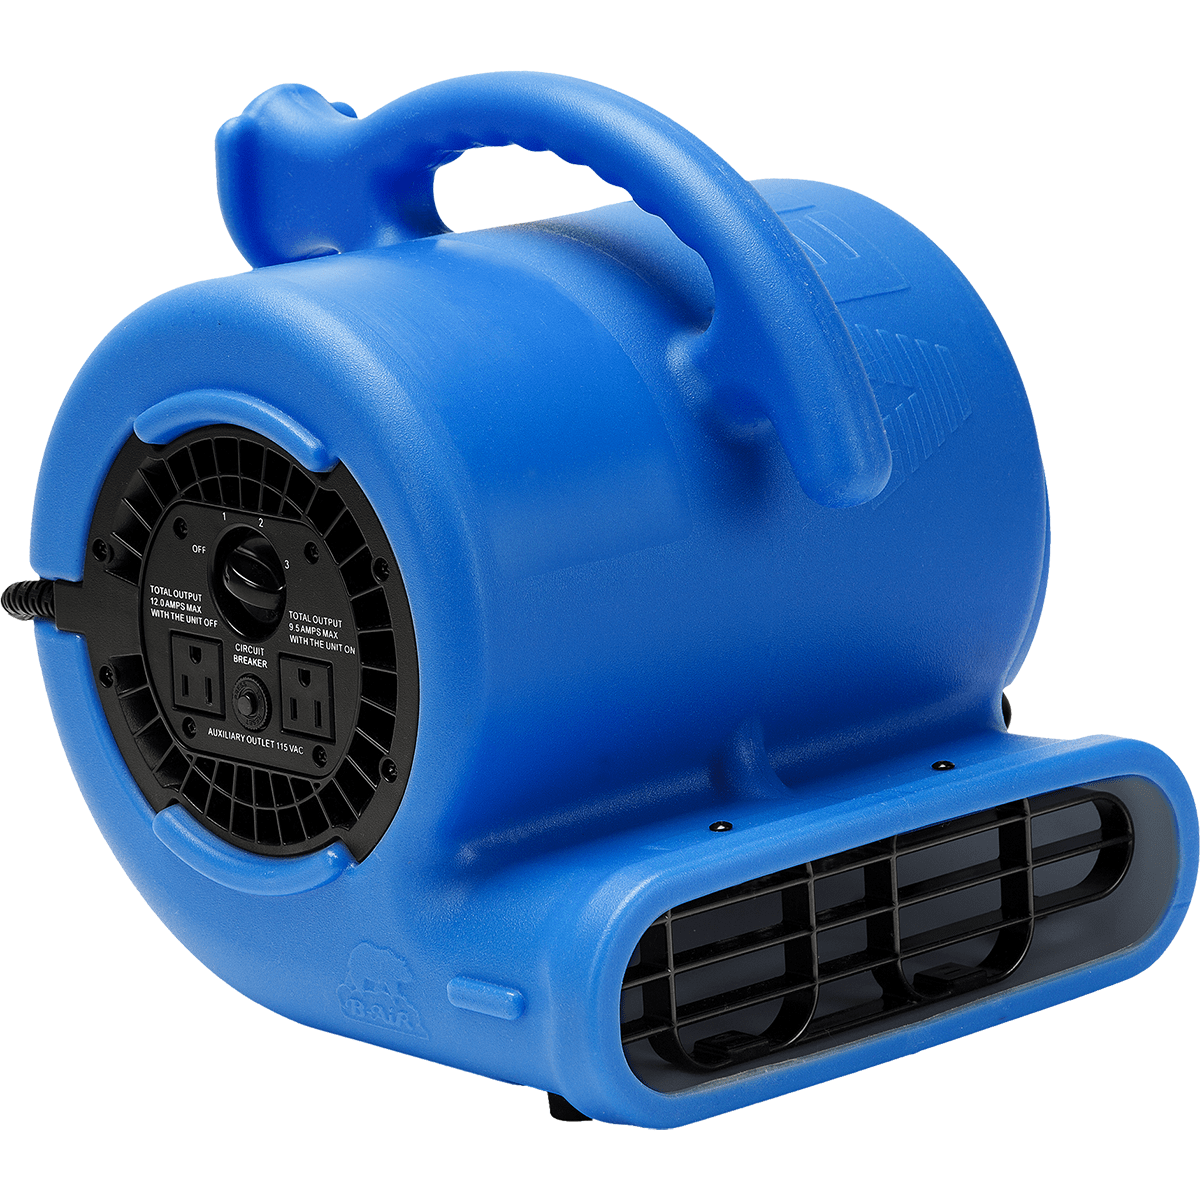 B-air Vent Vp-25 Compact Air Mover - Blue